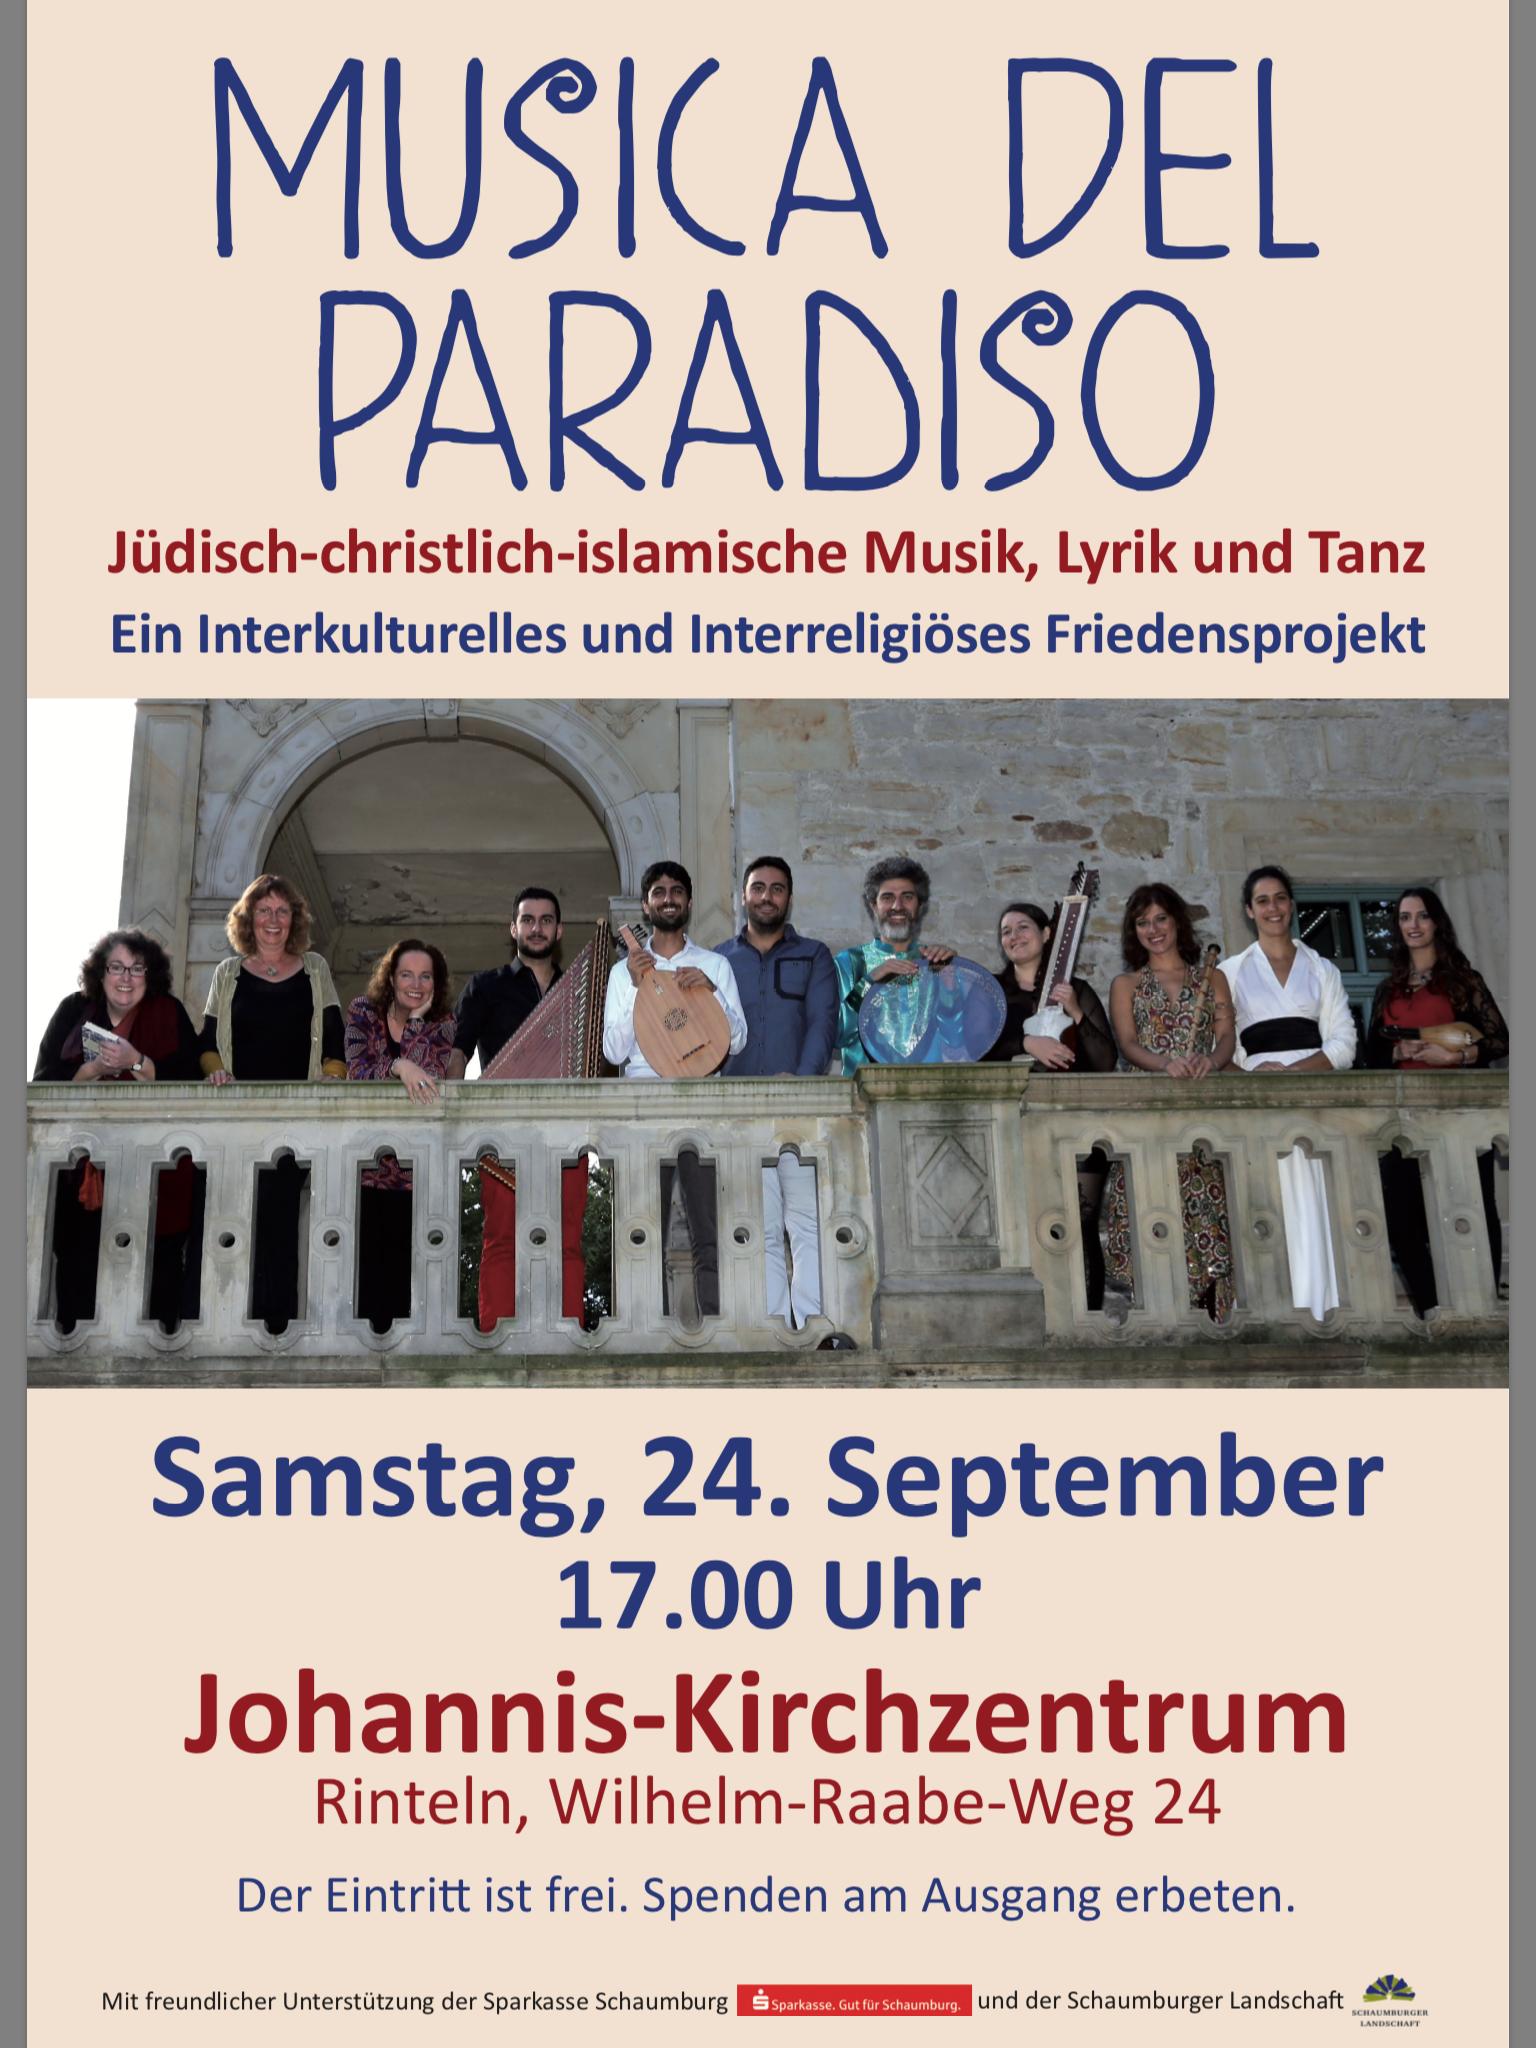 Musica del Paradiso 24. September 2016